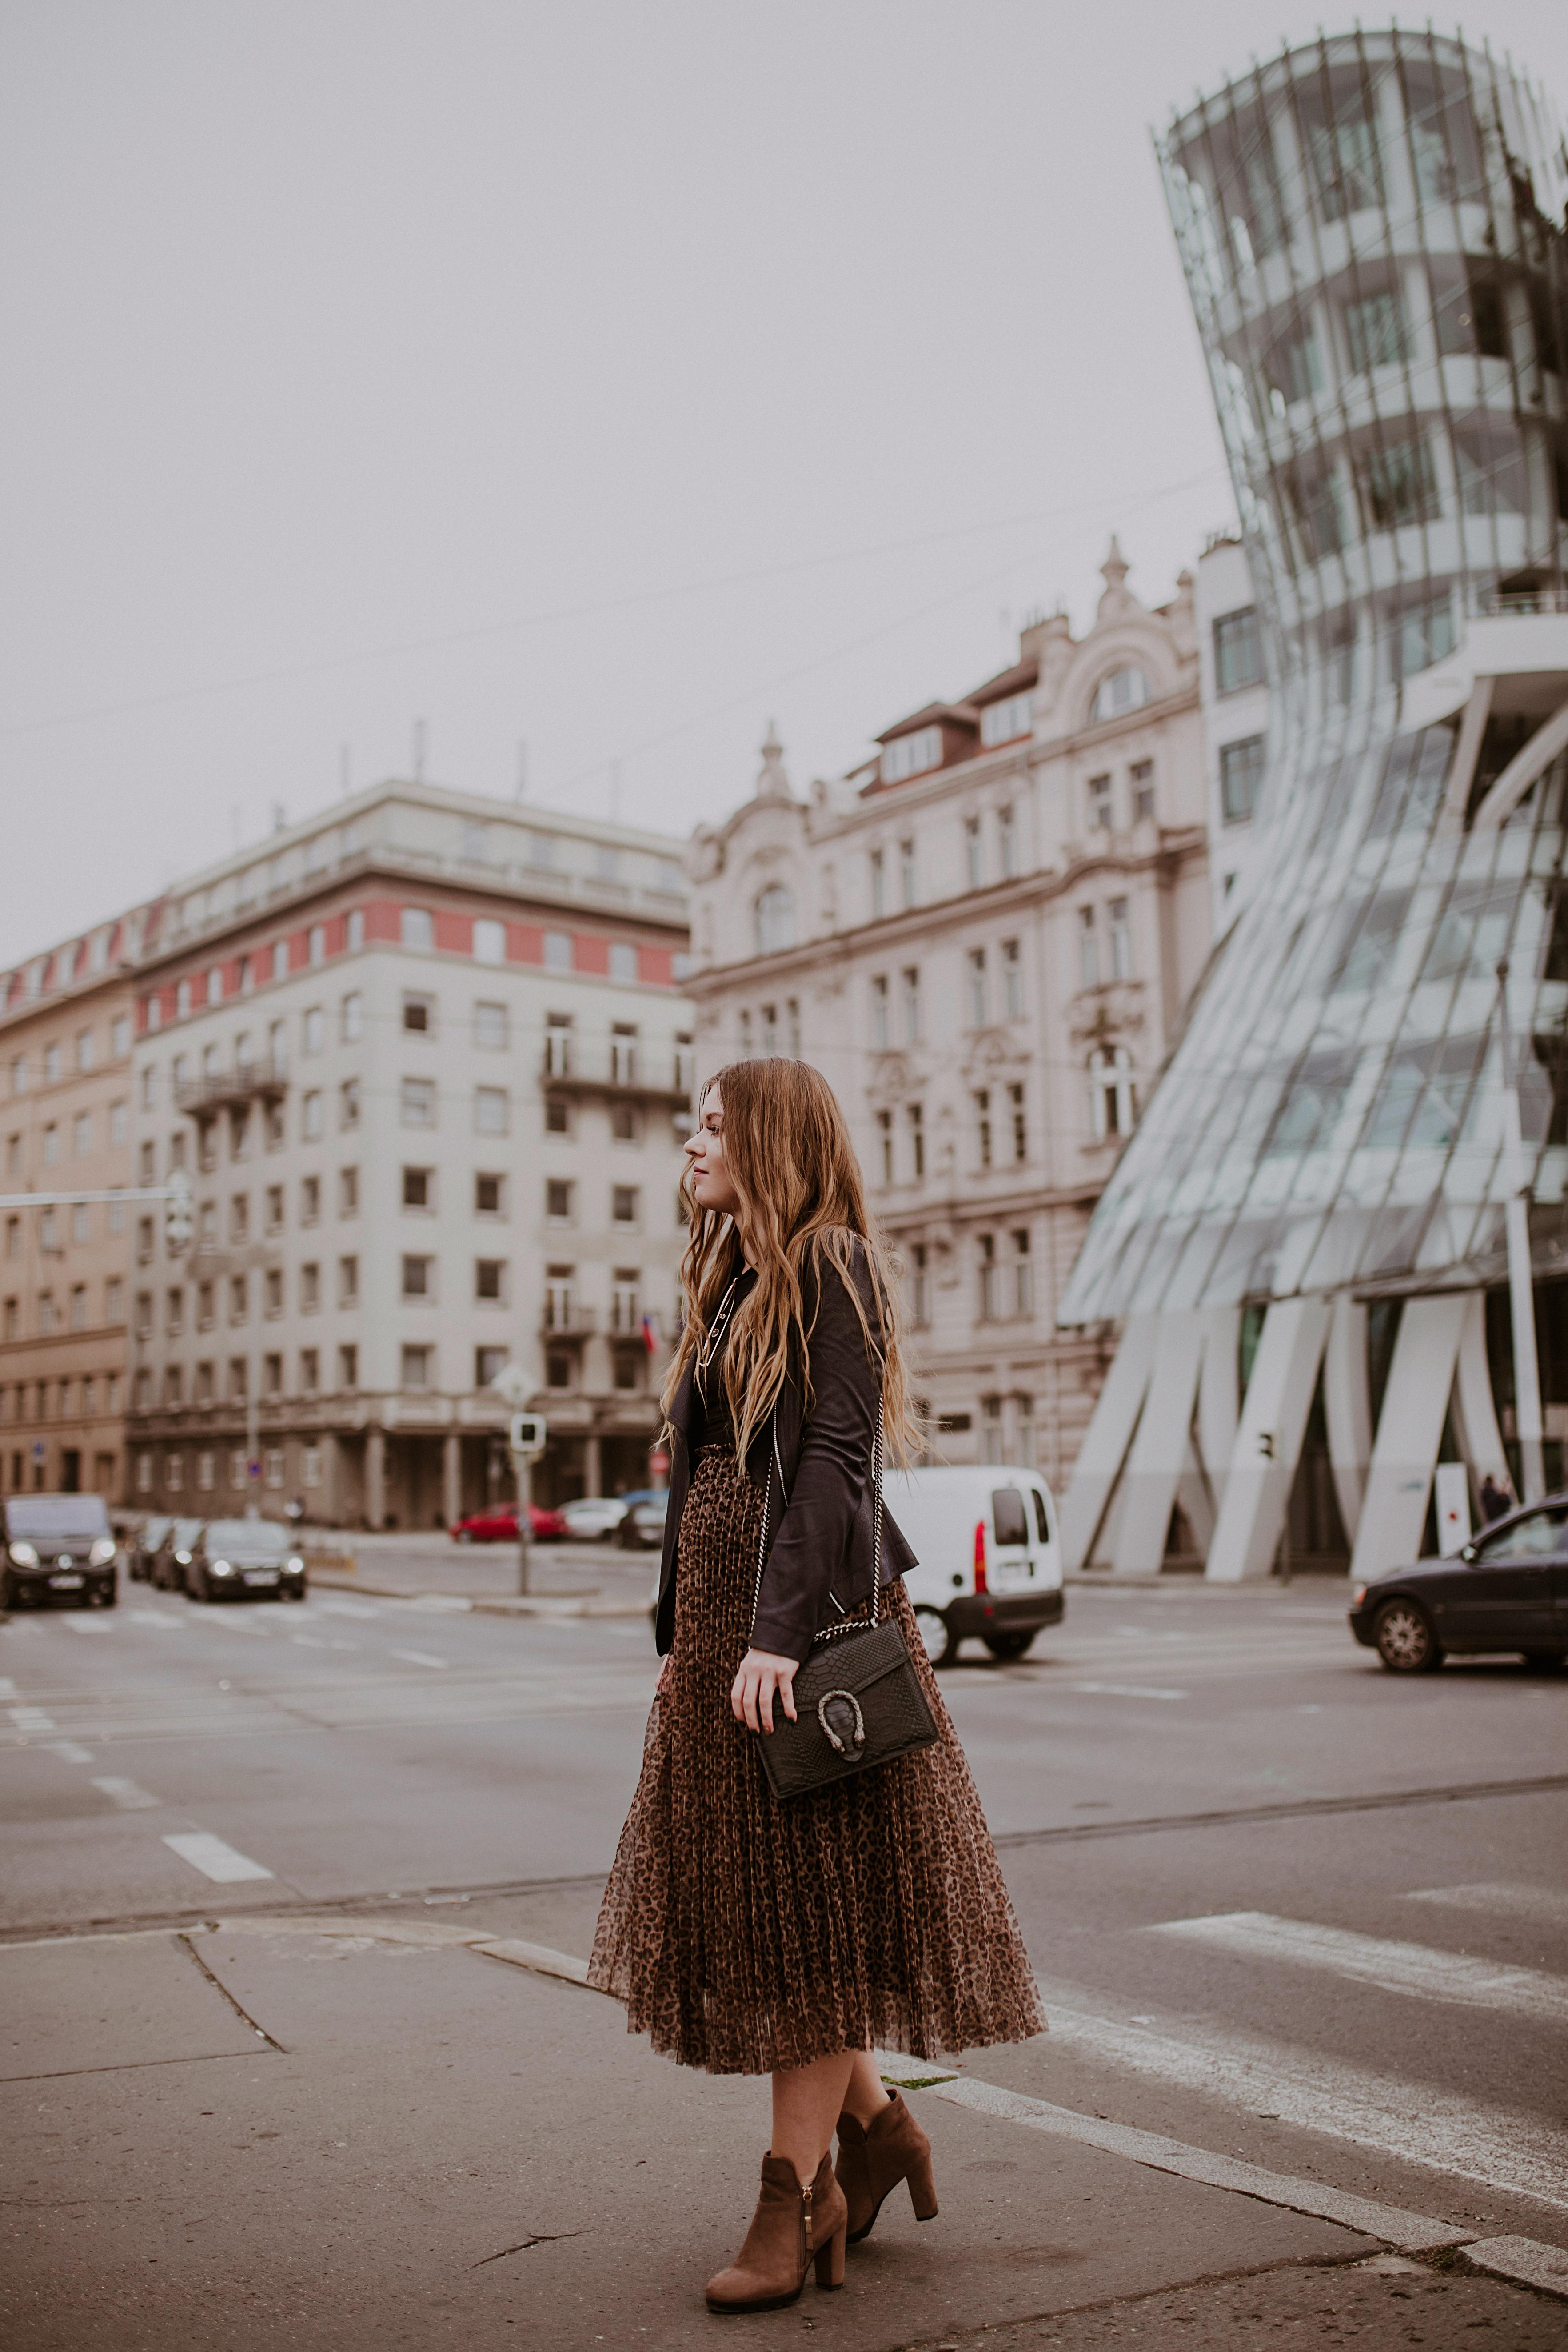 Tańczący Dom w Pradze. Stylizacja ze spódnica w panterkę od